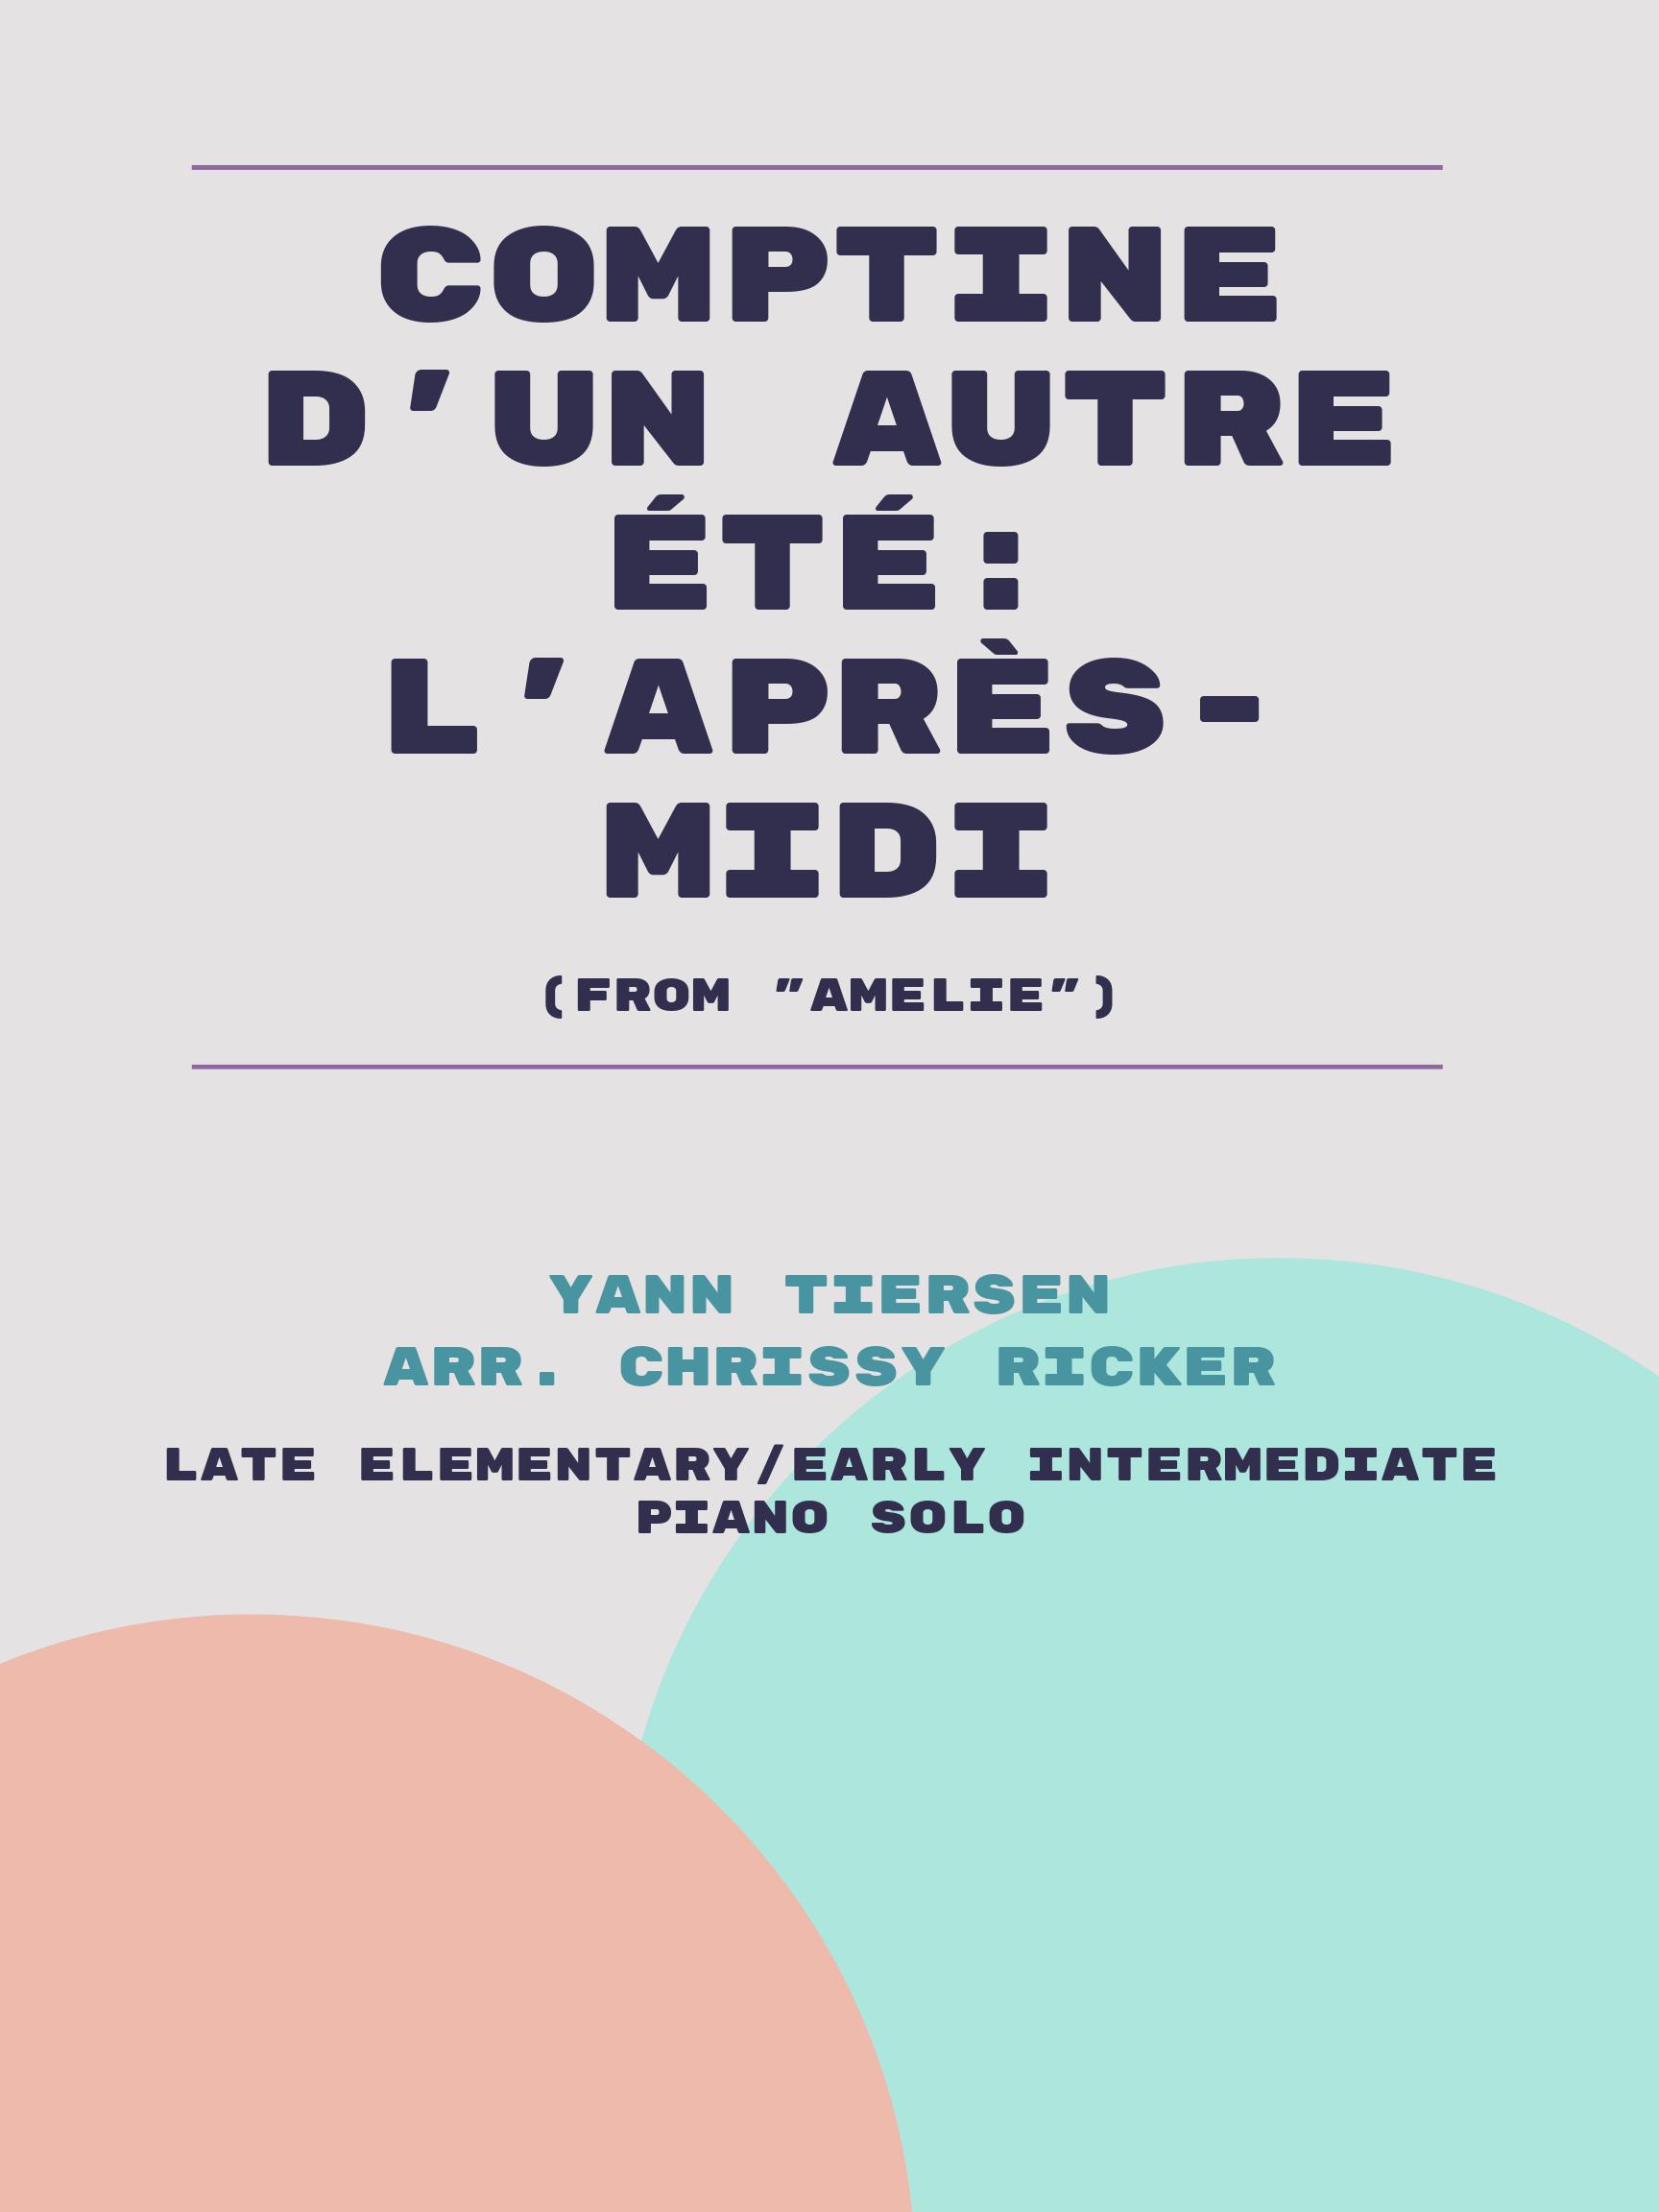 Comptine D'un Autre Été: L'après-midi by Yann Tiersen